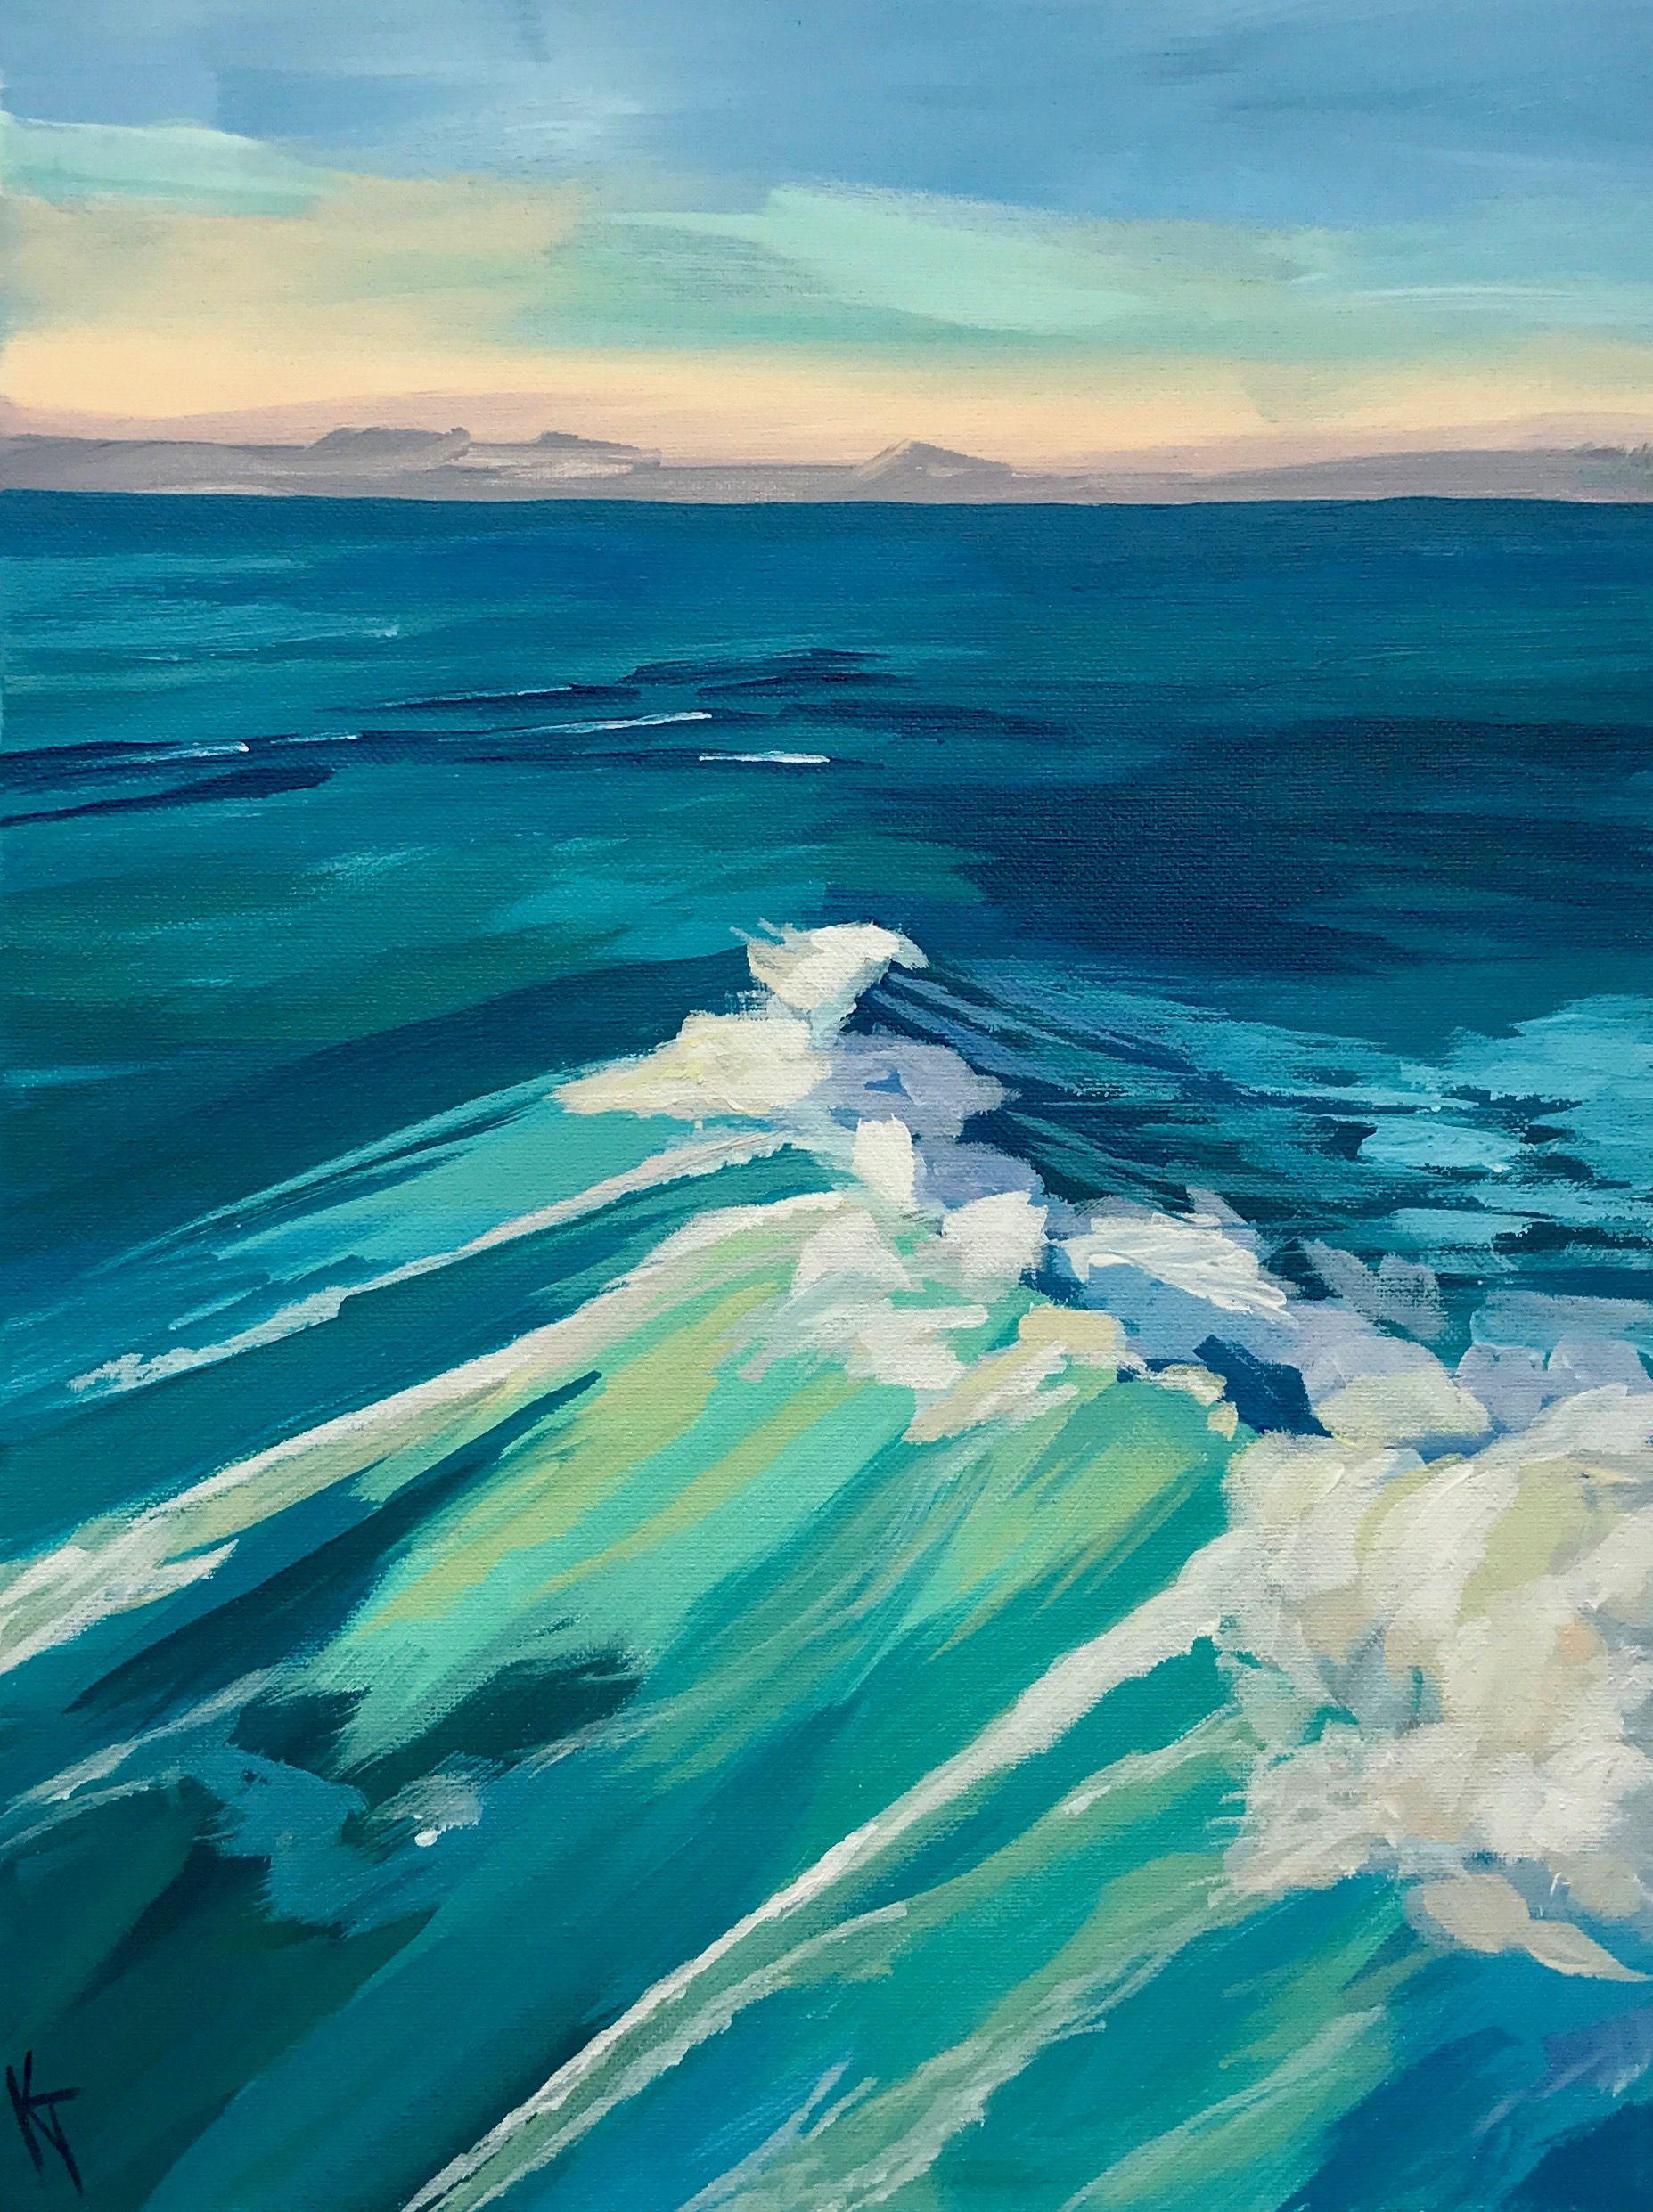 Ocean Waves Ocean Waves Art Landscape Art Beach Art Photography